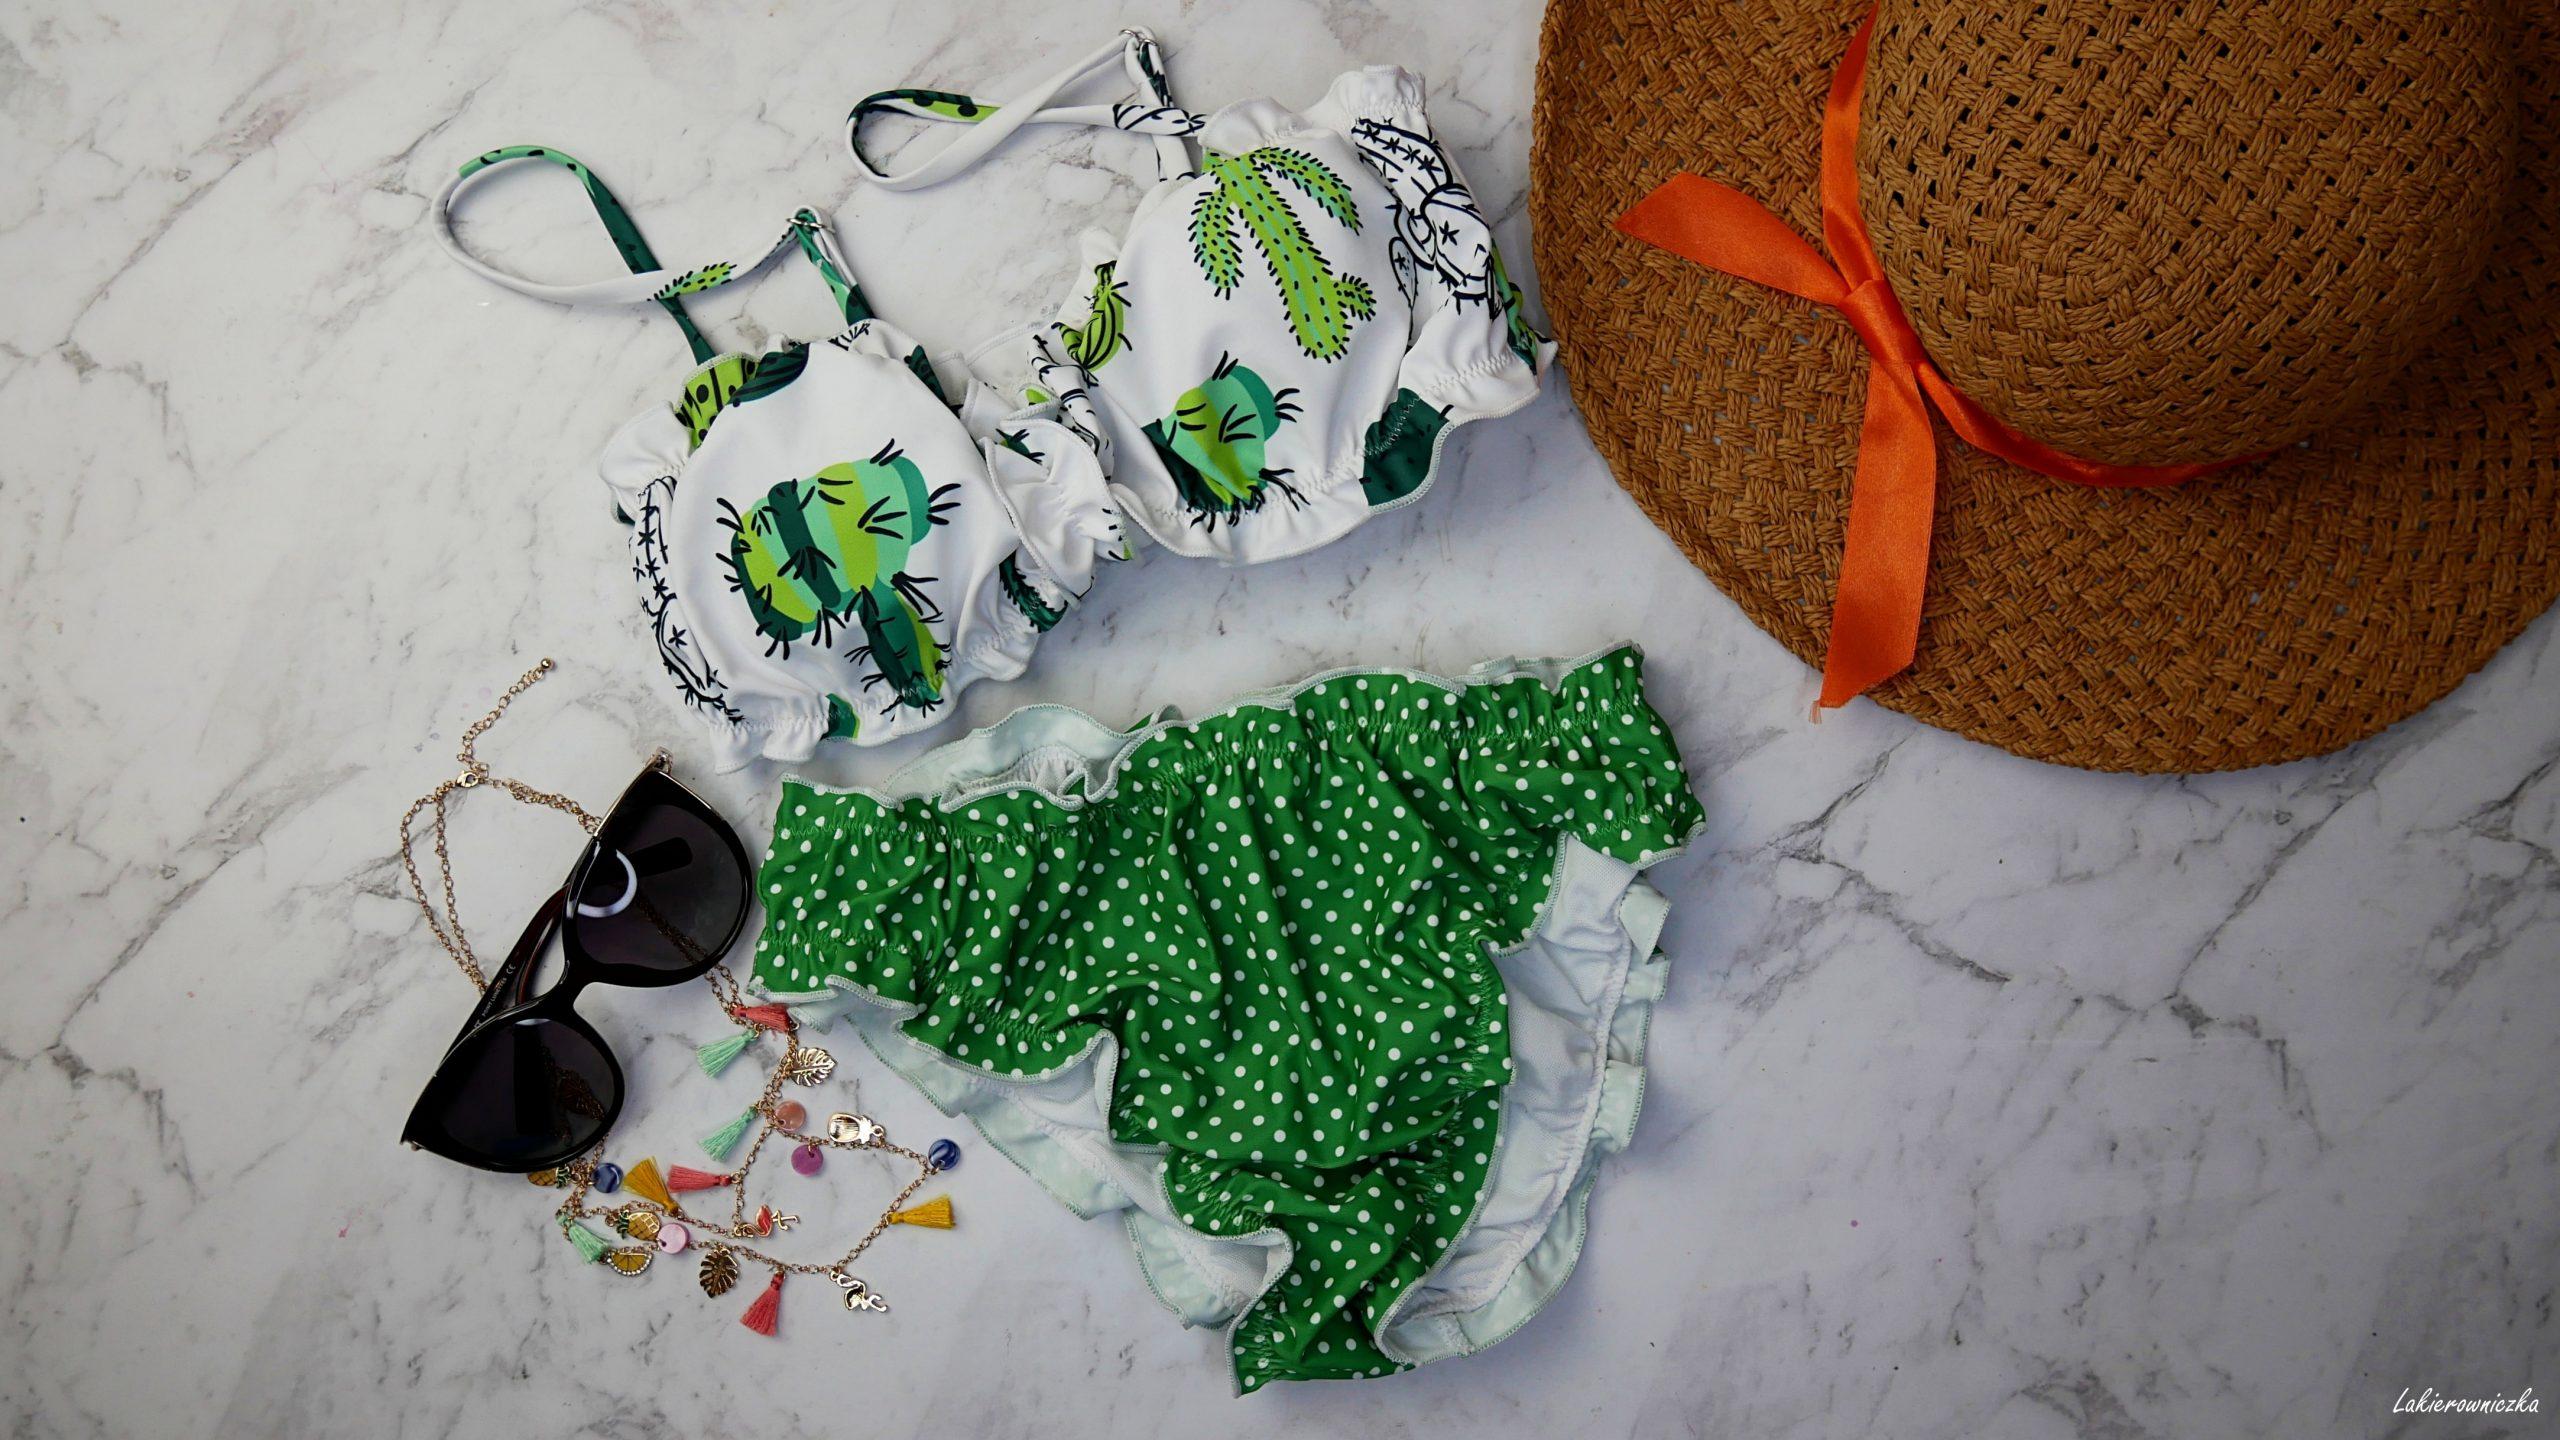 stroj-kapielowy-do-opalania-w-kaktusy-kropki-swimsuit-2020-swimwear-Dresslily-stroje-kapielowe-Lakierowniczka